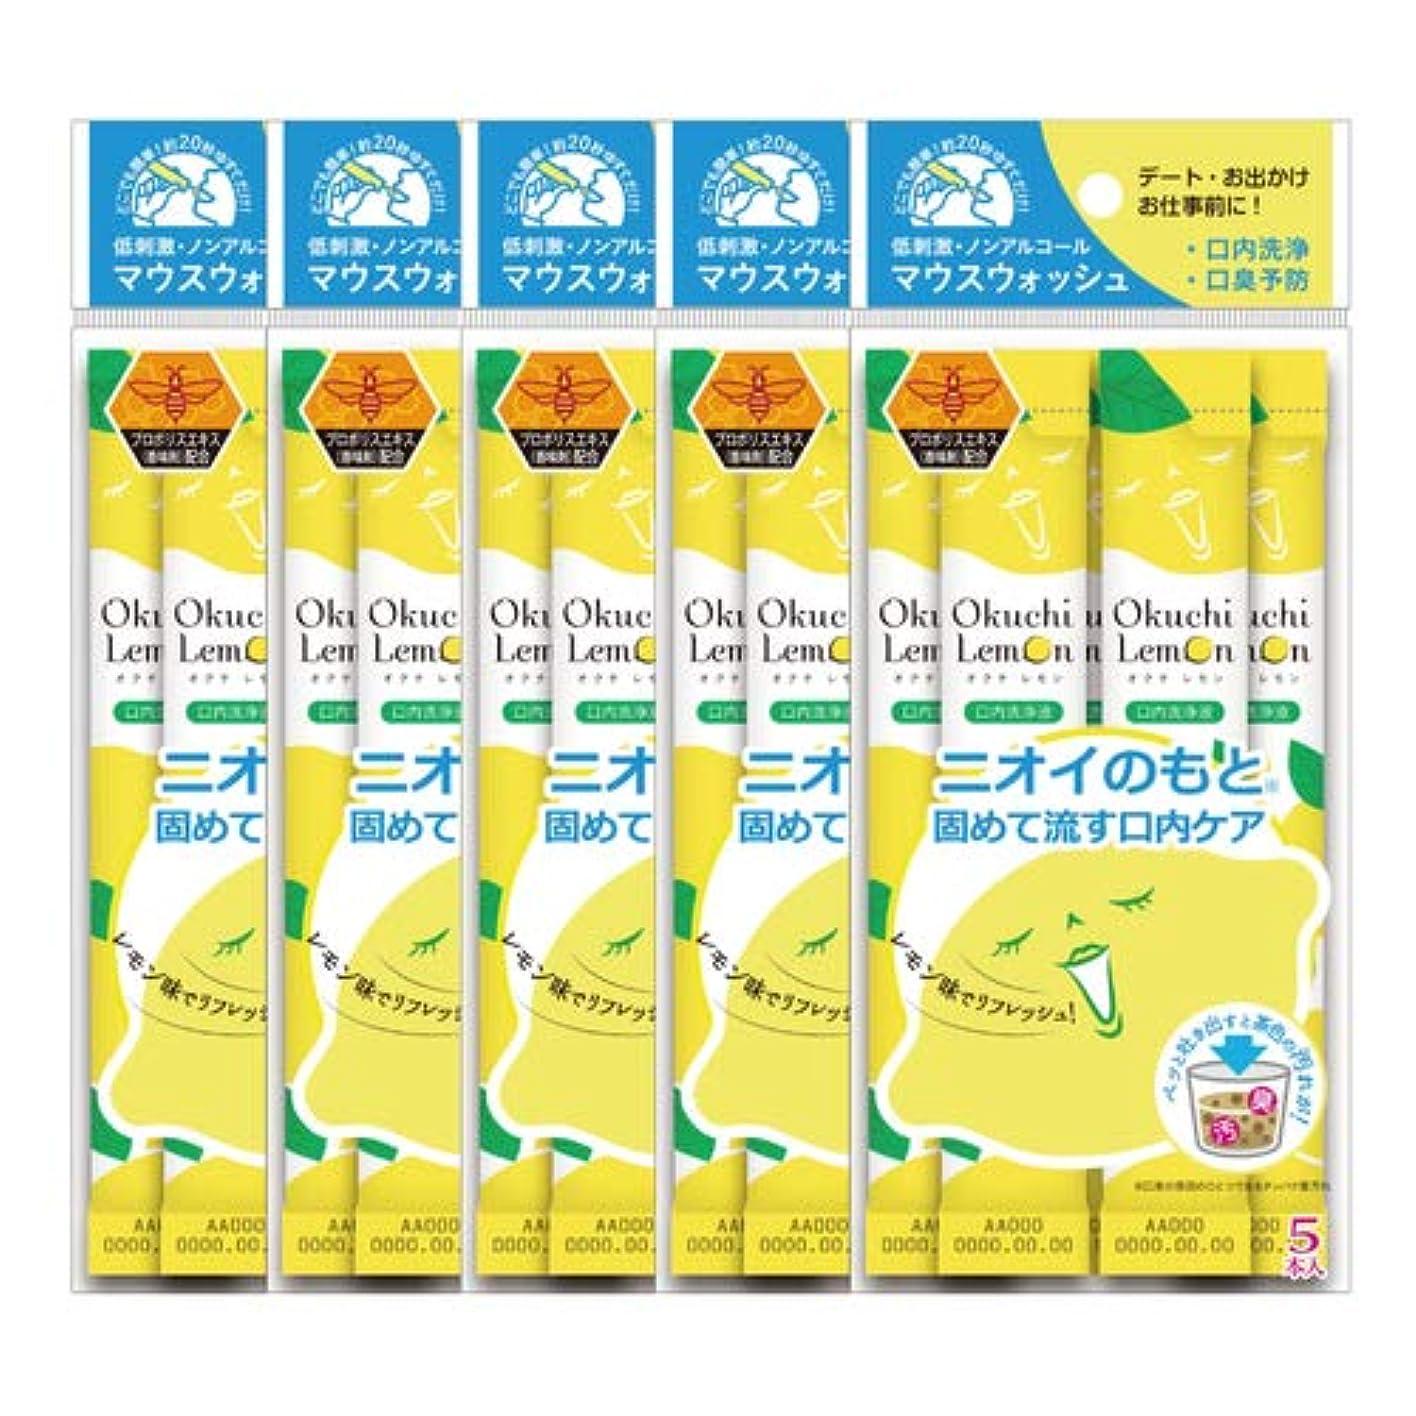 配当防腐剤透過性口臭の原因除去マウスウォッシュ オクチレモン 5個セット(5本入り×5個)